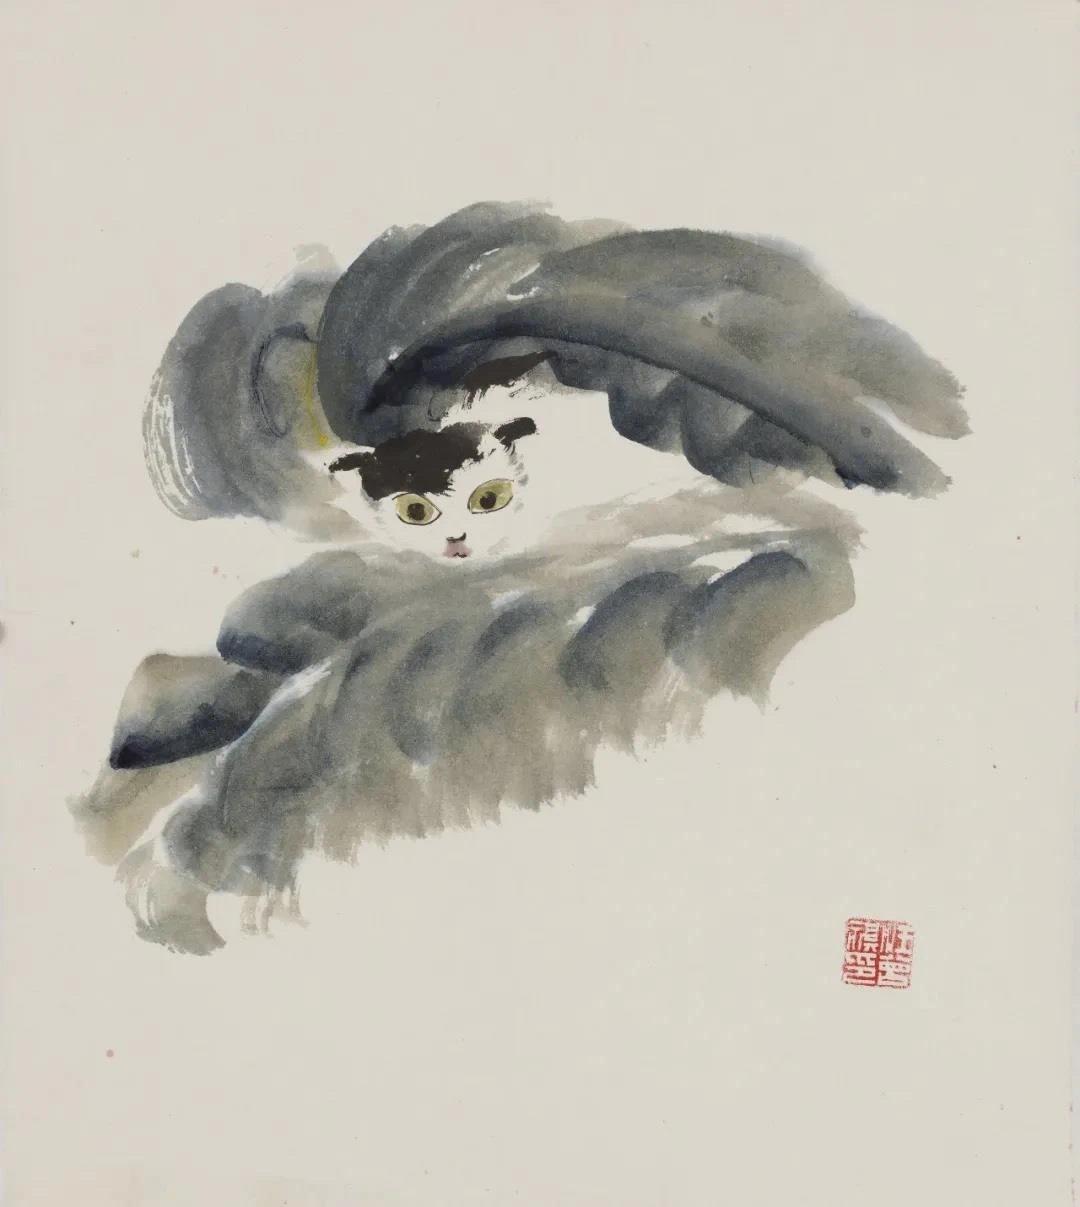 作家汪曾祺的画,有意趣